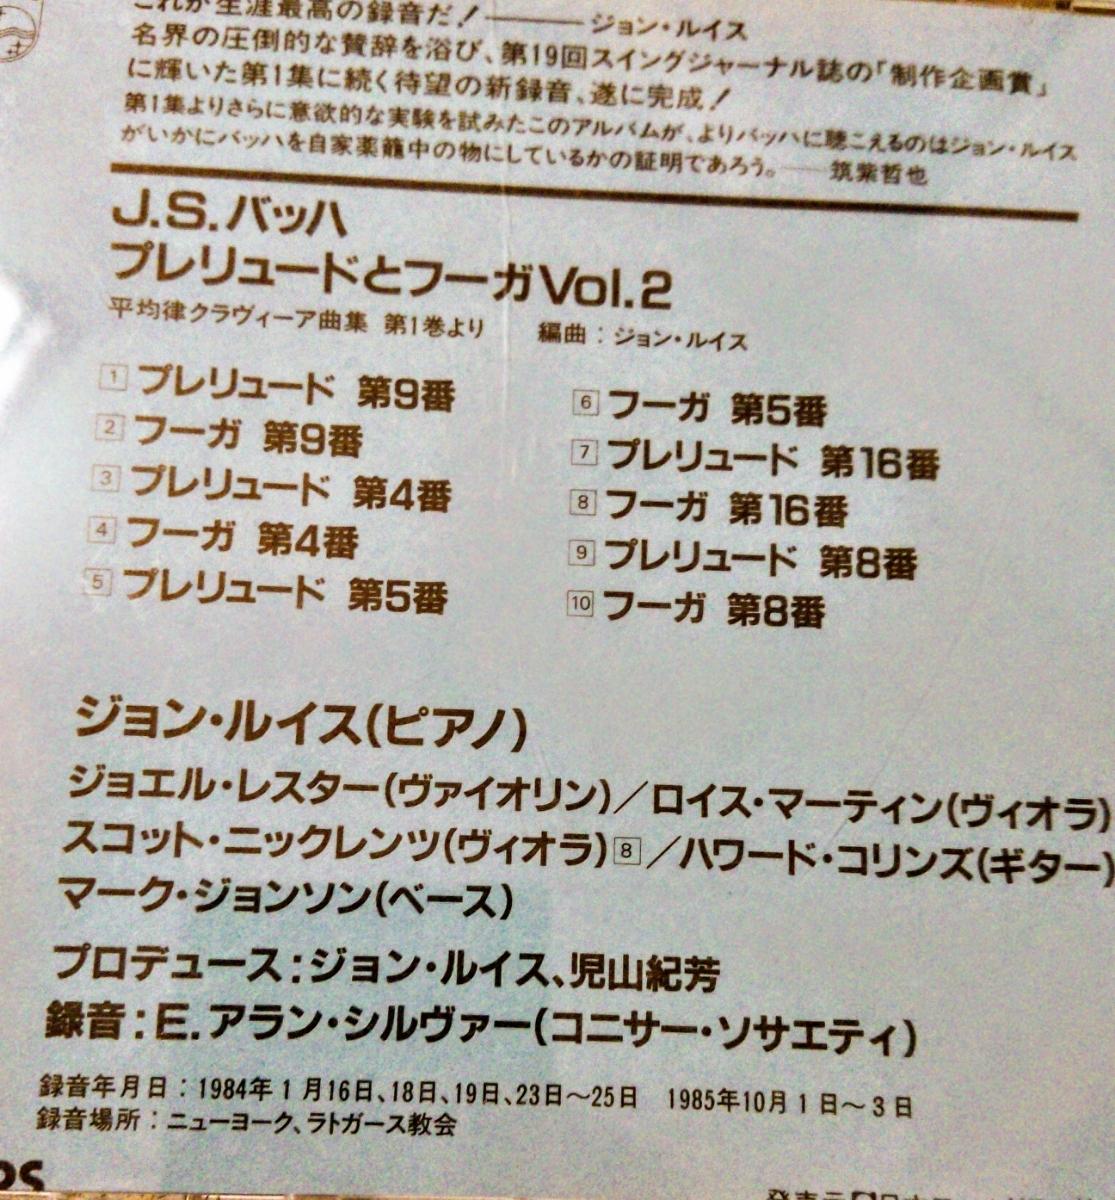 国内初期盤CDジョン・ルイス/バッハ「プレリュードとフーガ」VOL2(国内盤、中古品、帯なし)_画像2